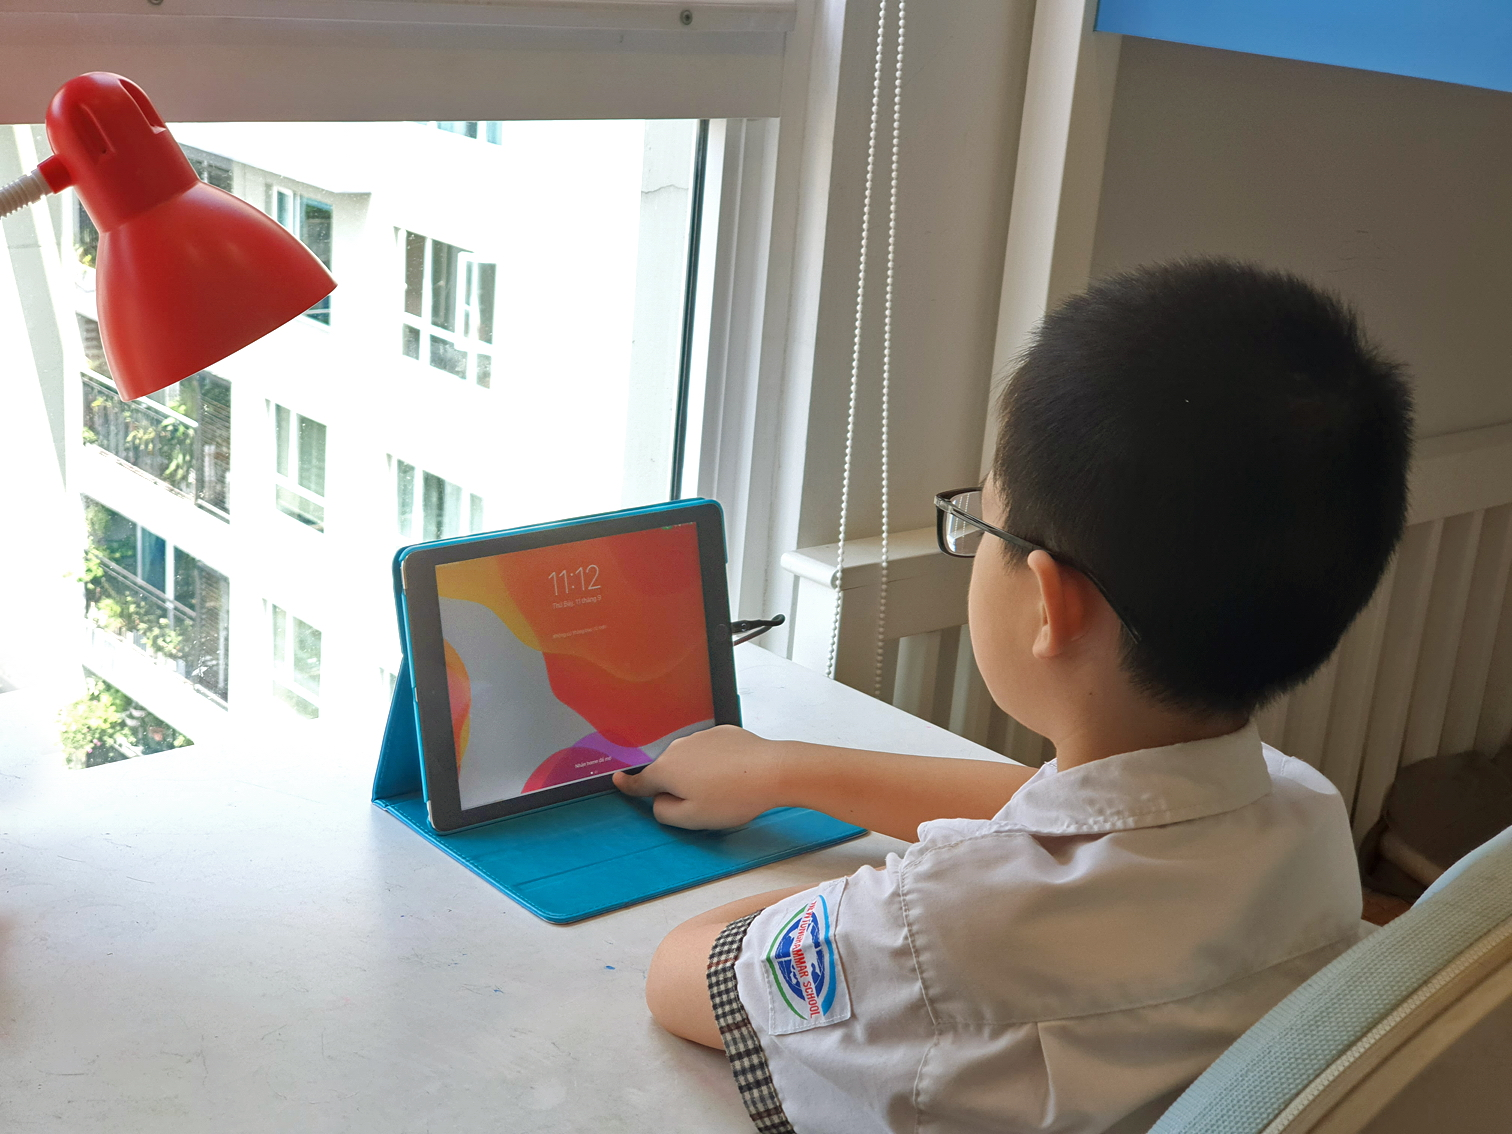 Chuyên gia nhãn khoa khẳng định, kính chống ánh sáng xanh tốt cho mắt nhưng không có khả năng bảo vệ cận thị nếu mắt không được nghỉ ngơi, tiếp xúc quá lâu với các thiết bị điện tử